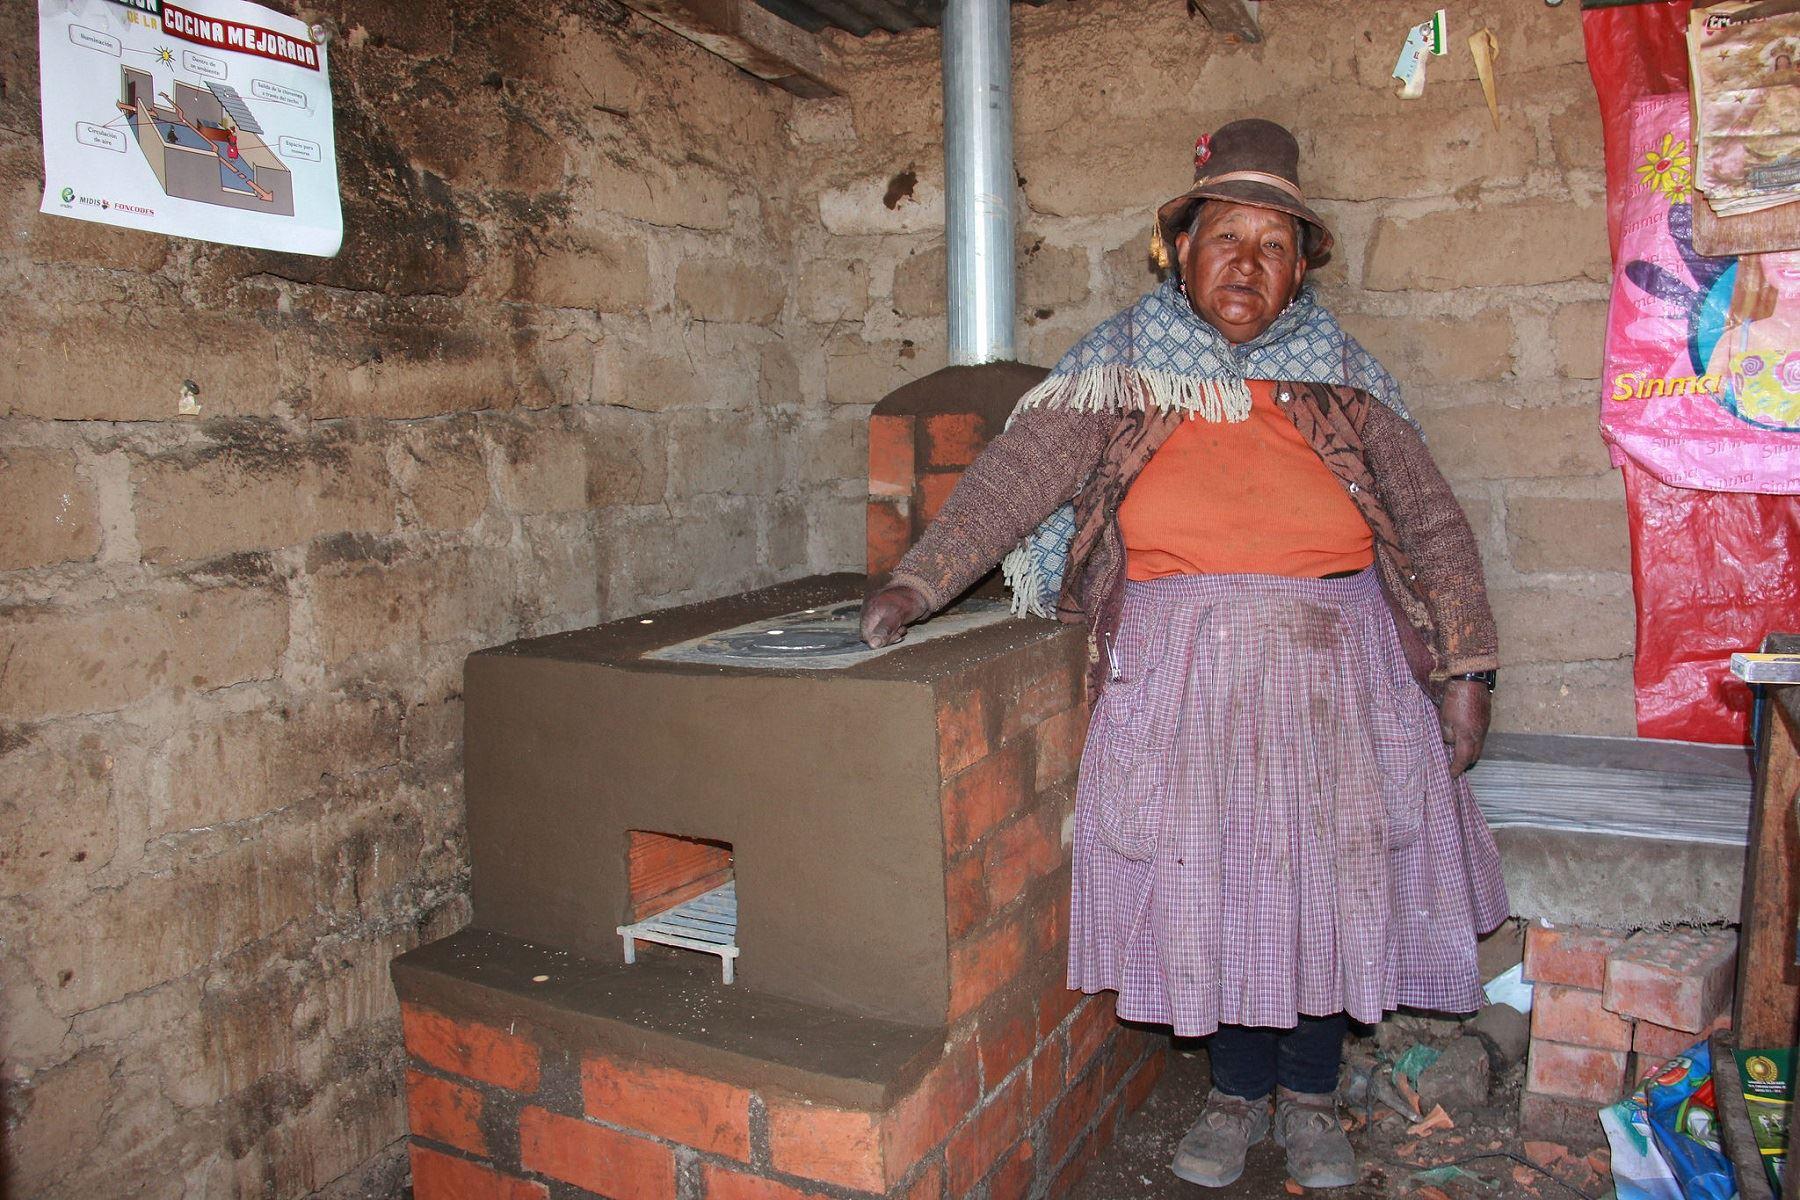 Midis entregará cocinas mejoradas y reforzará viviendas rurales como parte del Plan Multisectorial ante las Heladas y Friaje 2018. ANDINA/Difusión